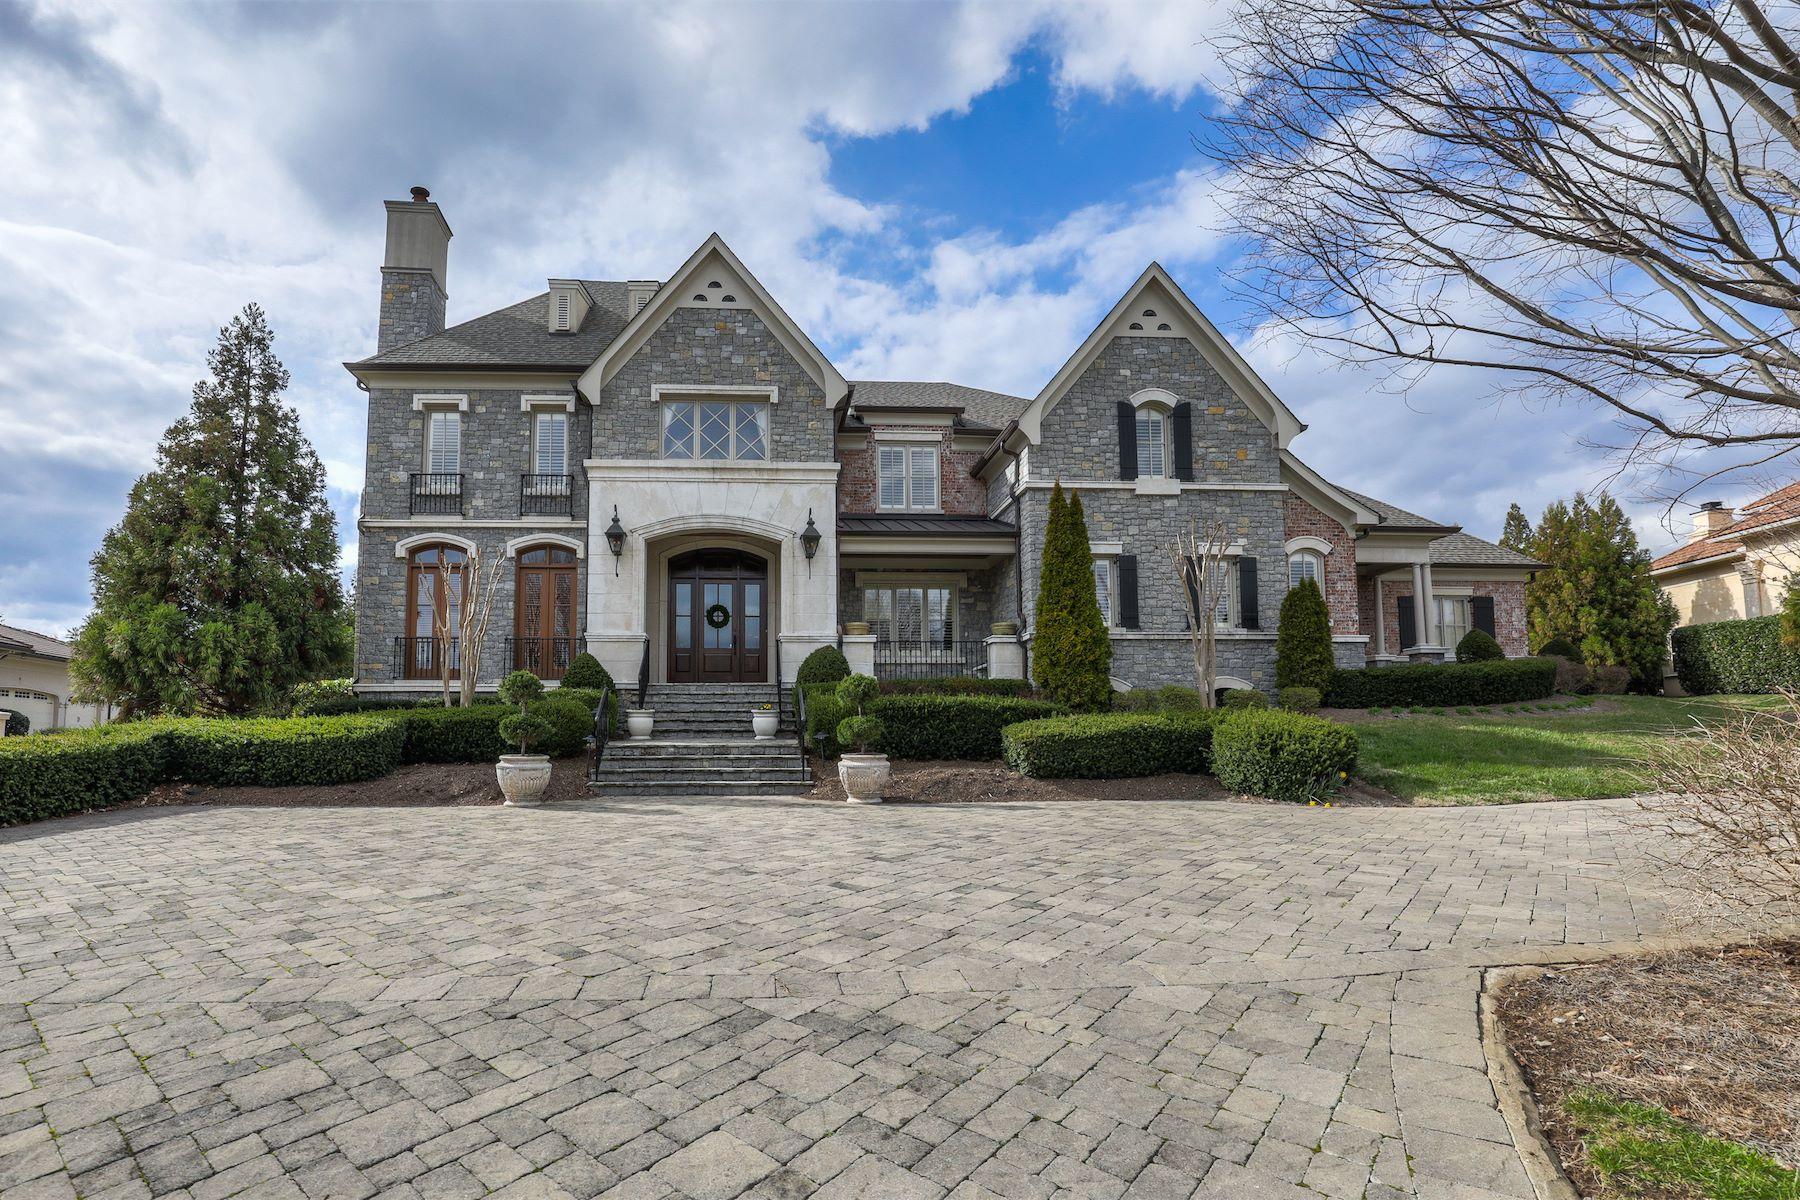 Maison unifamiliale pour l Vente à Exclusive Annandale Residence 367 Jones Parkway Brentwood, Tennessee, 37027 États-Unis